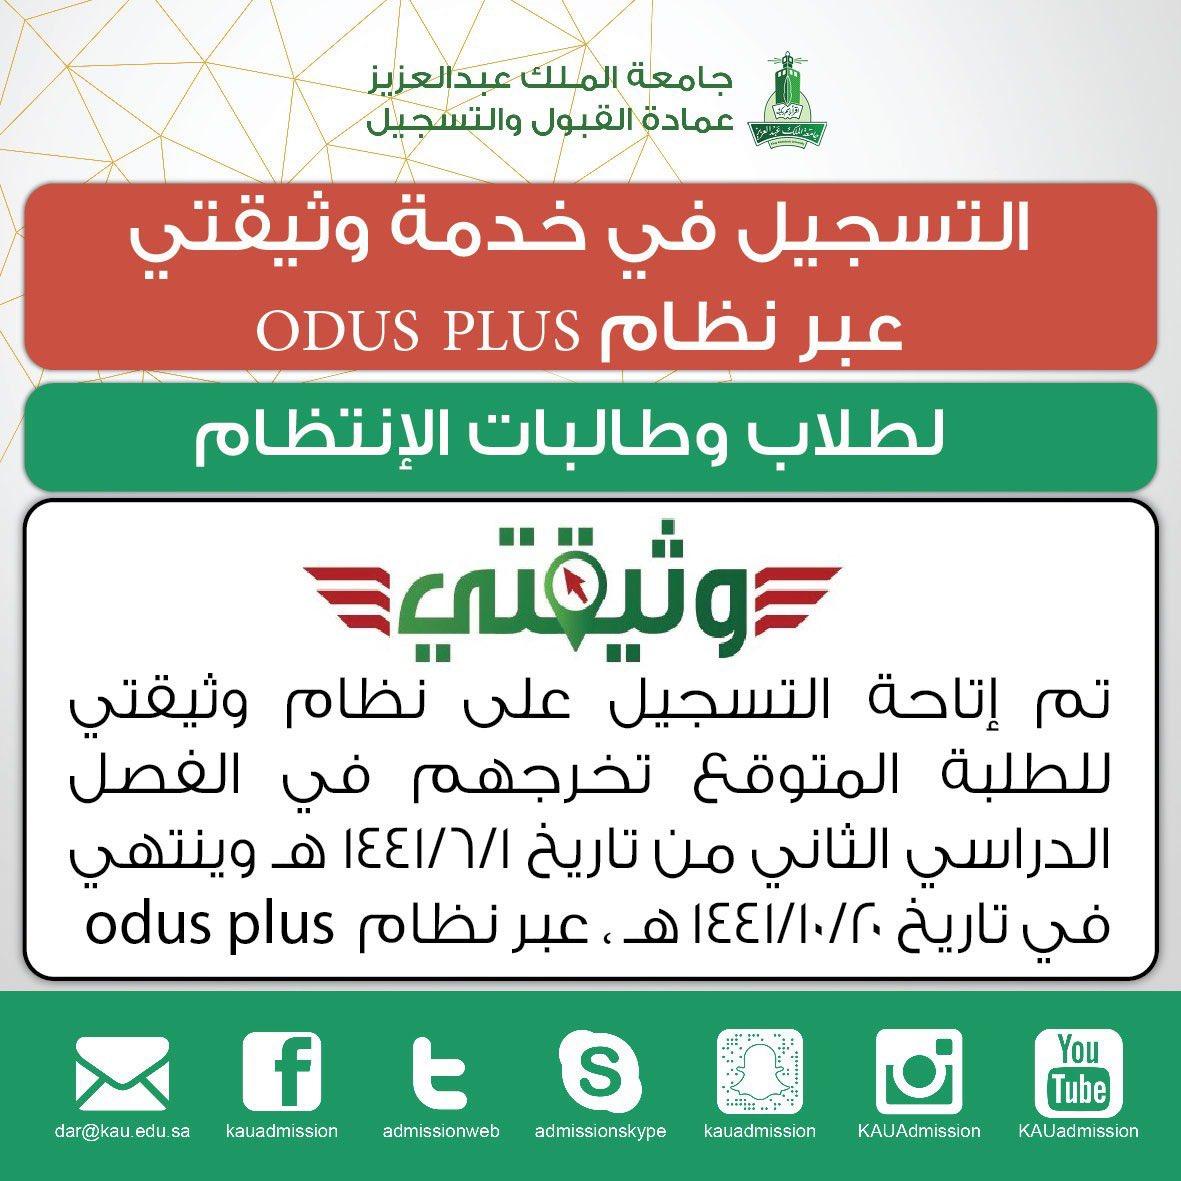 اوديس بلس جامعة الملك عبد العزيز